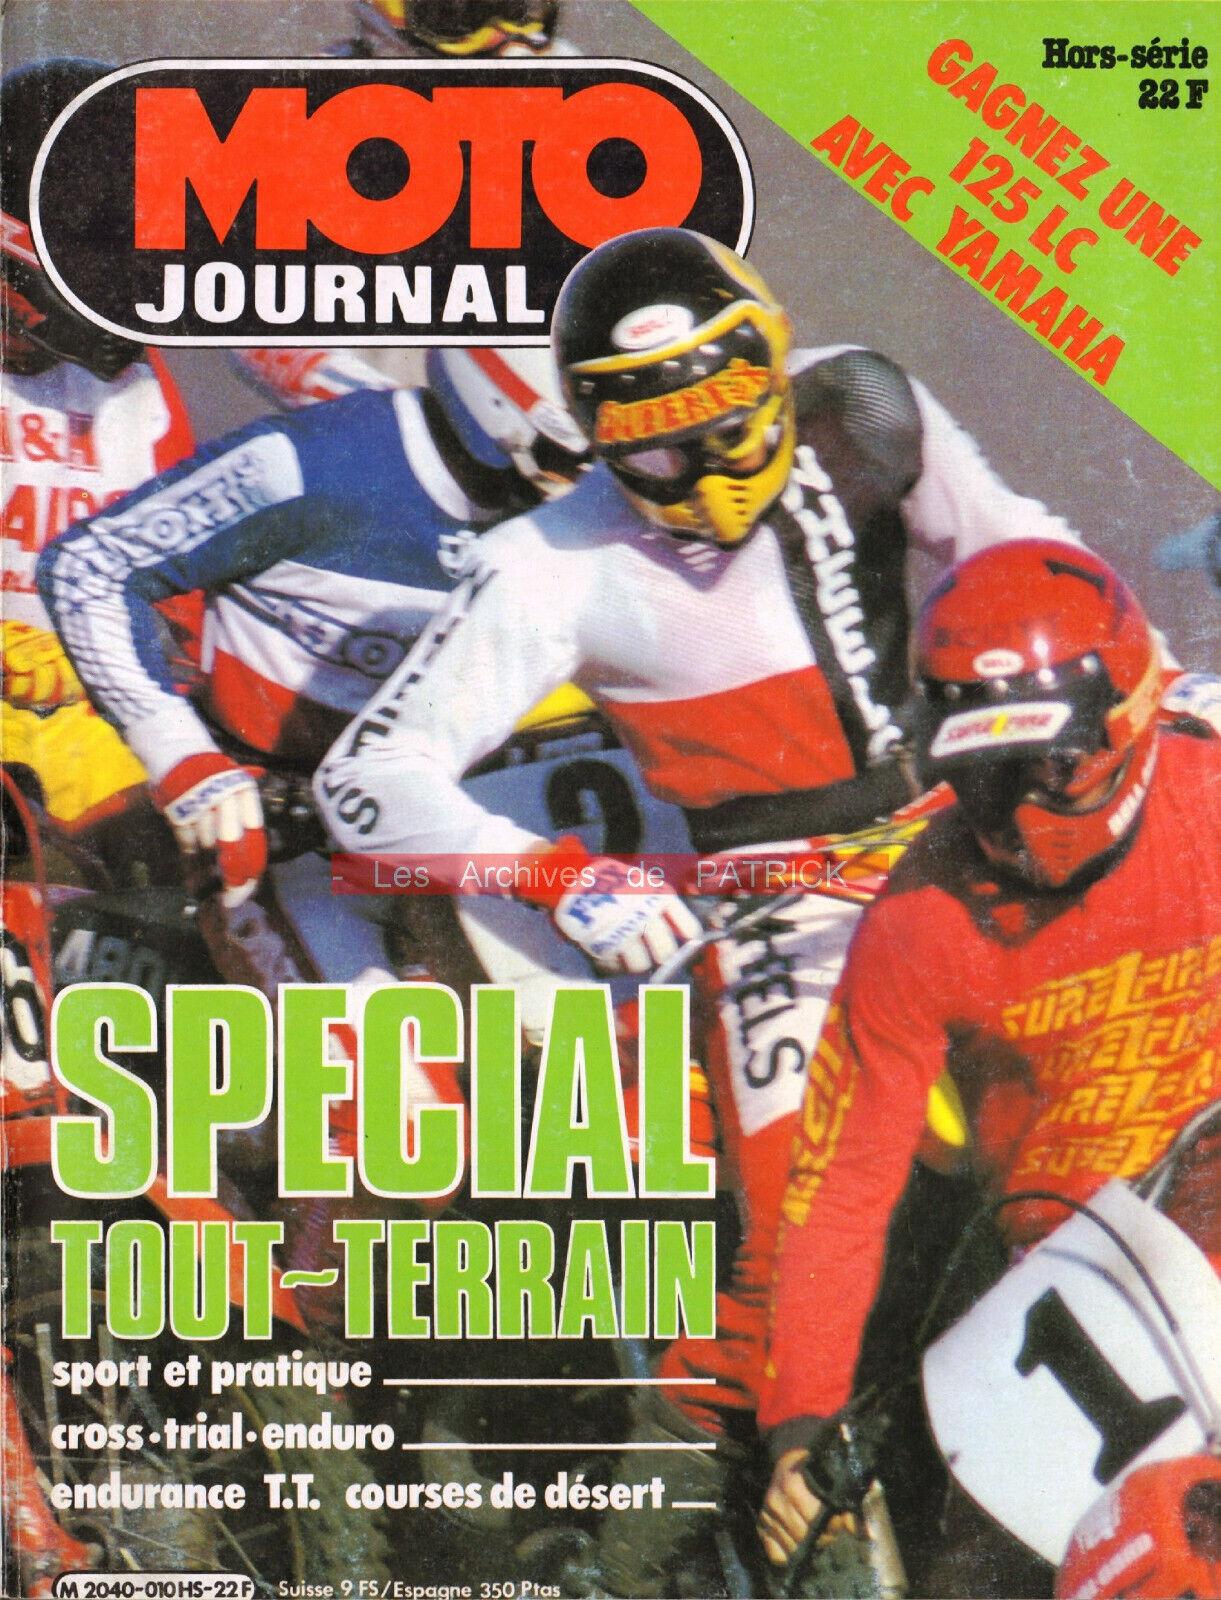 Moto journal hs «spécial tout-terrain 1982» cross enduro trial trail paris-dakar